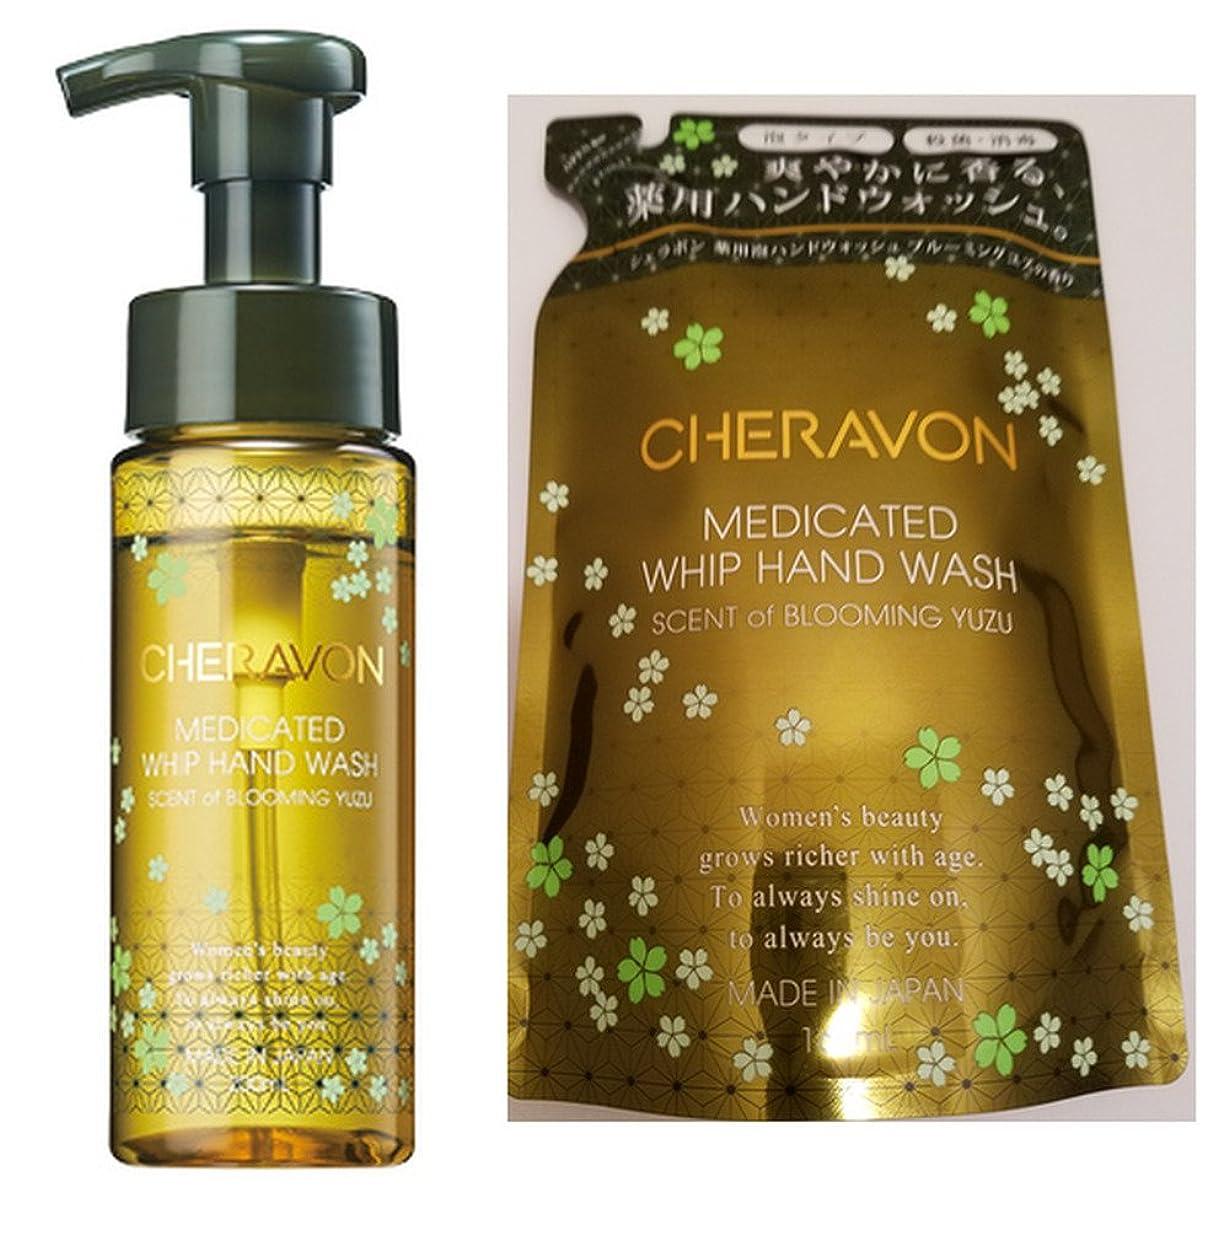 れんがバドミントン感心するシェラボン 薬用泡 ハンドウォッシュ ブルーミング ゆずの香り セット(本体+レフィル お得な限定セット) CHERAVON